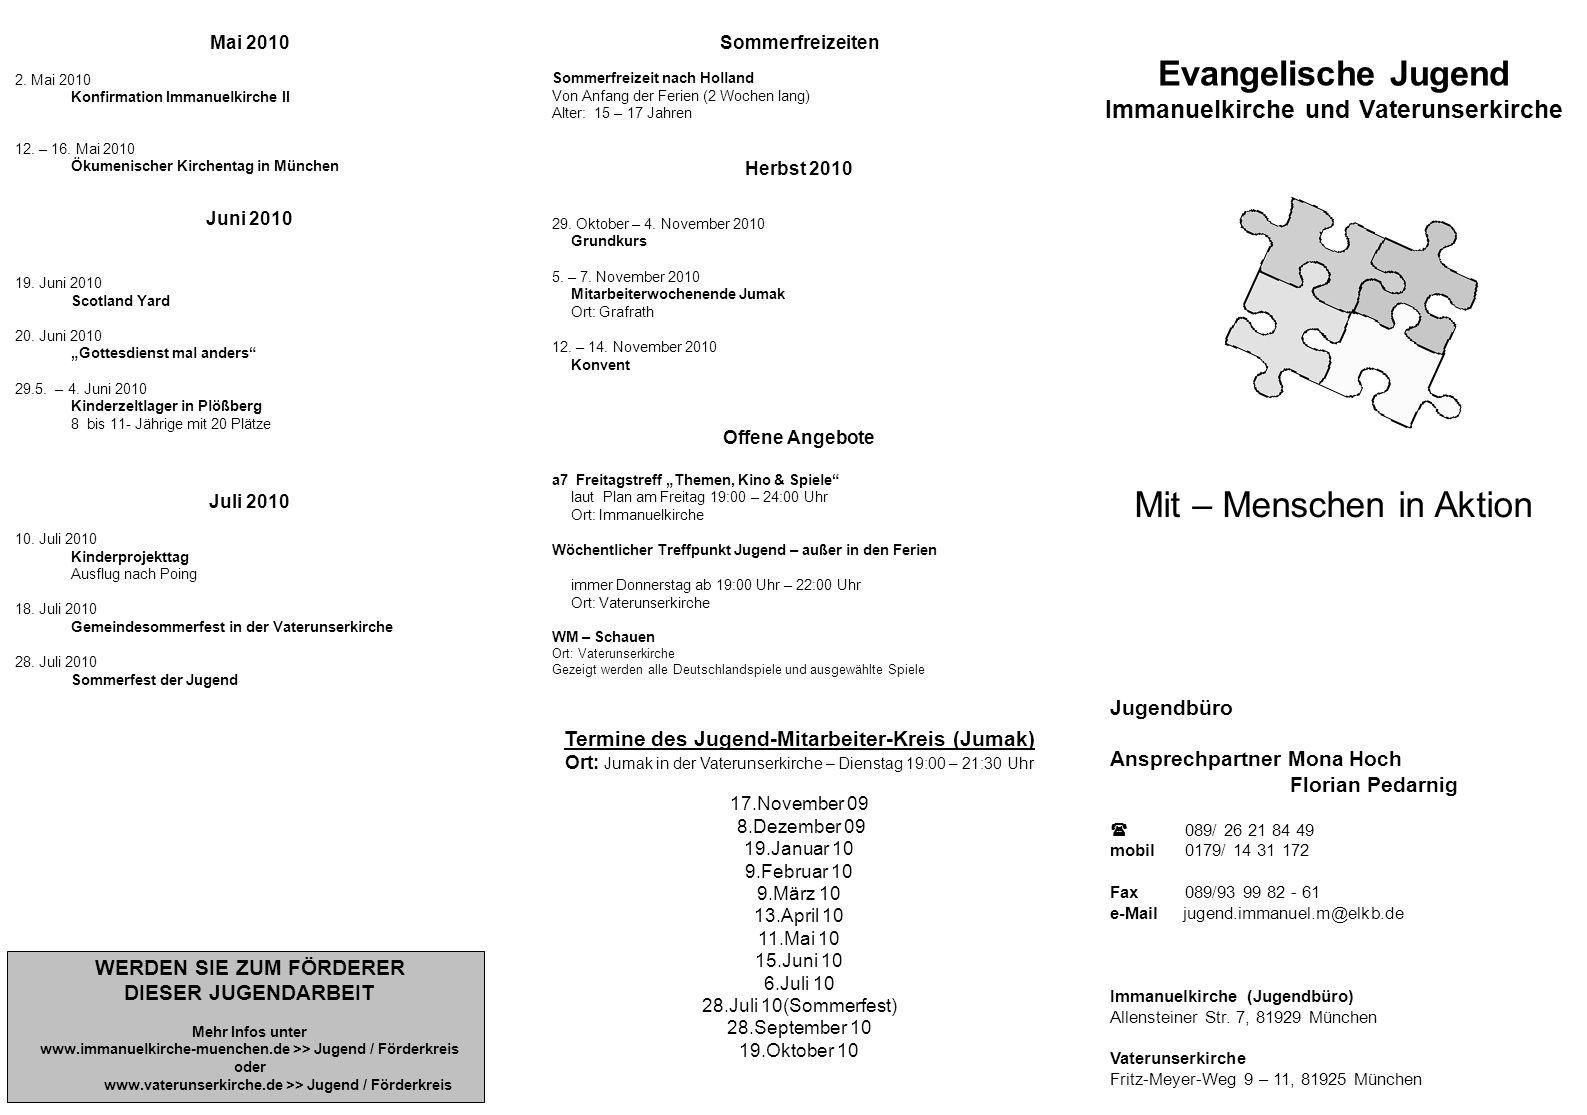 Mai 2010 2. Mai 2010 Konfirmation Immanuelkirche II 12.